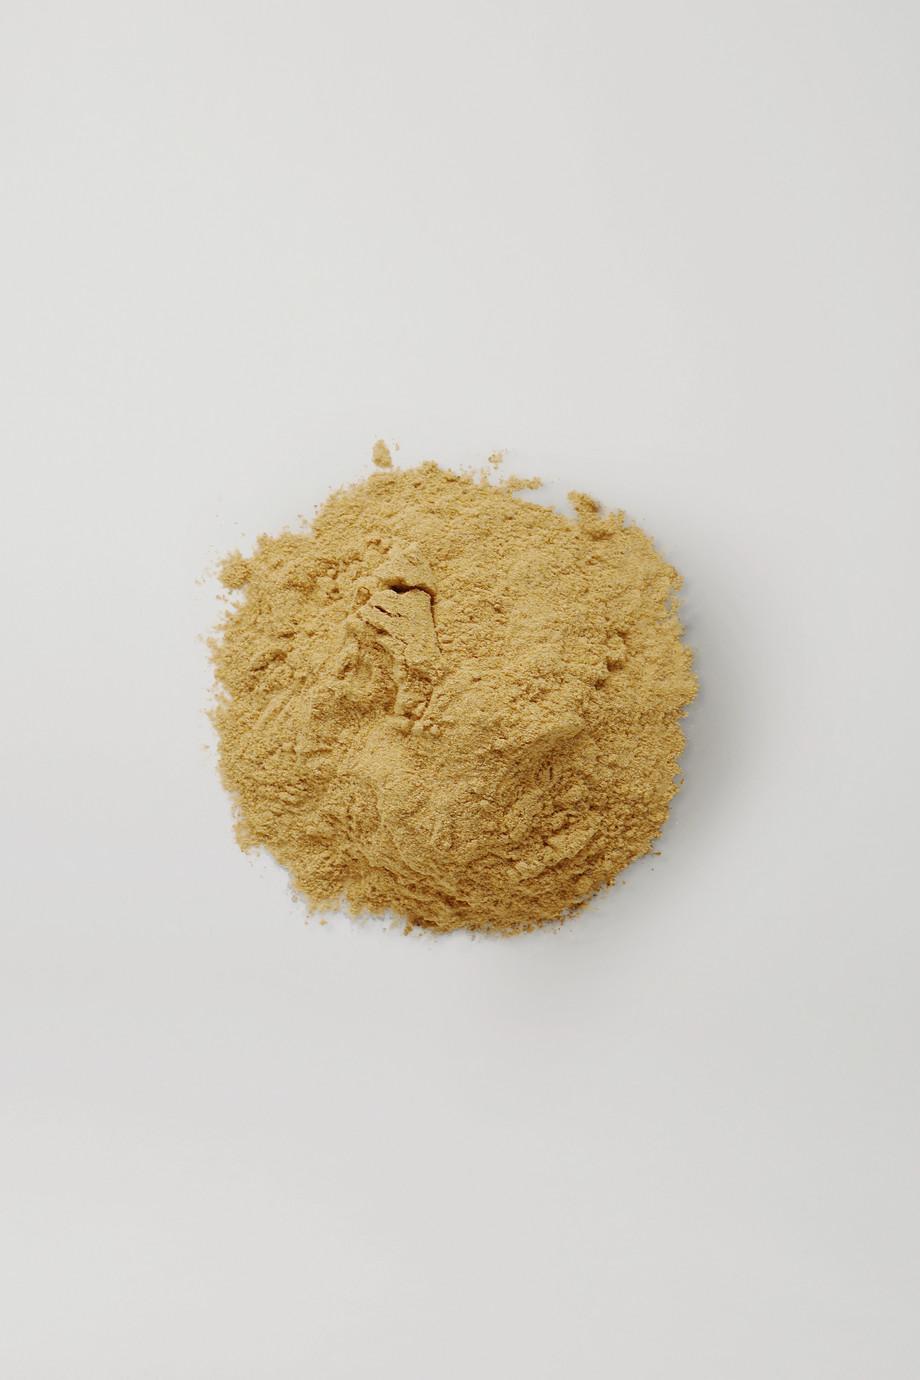 The Nue Co. Debloat Food + Prebiotic, 70g